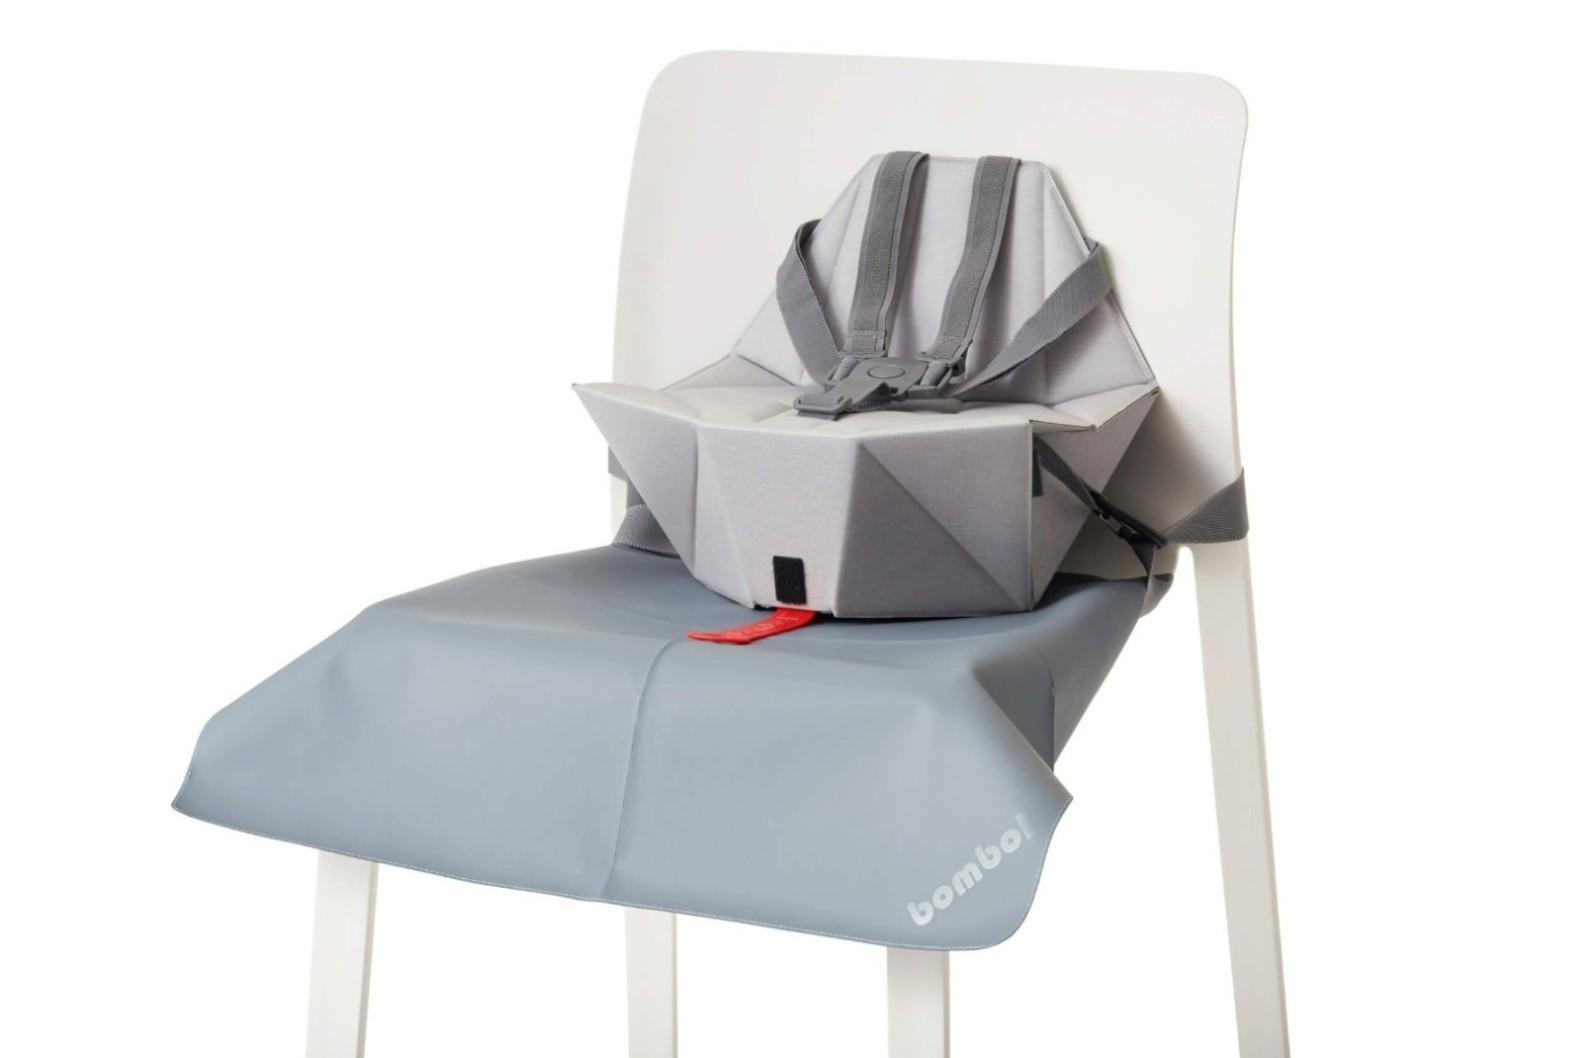 比利時 Bombol 平板大小 嬰兒摺椅26